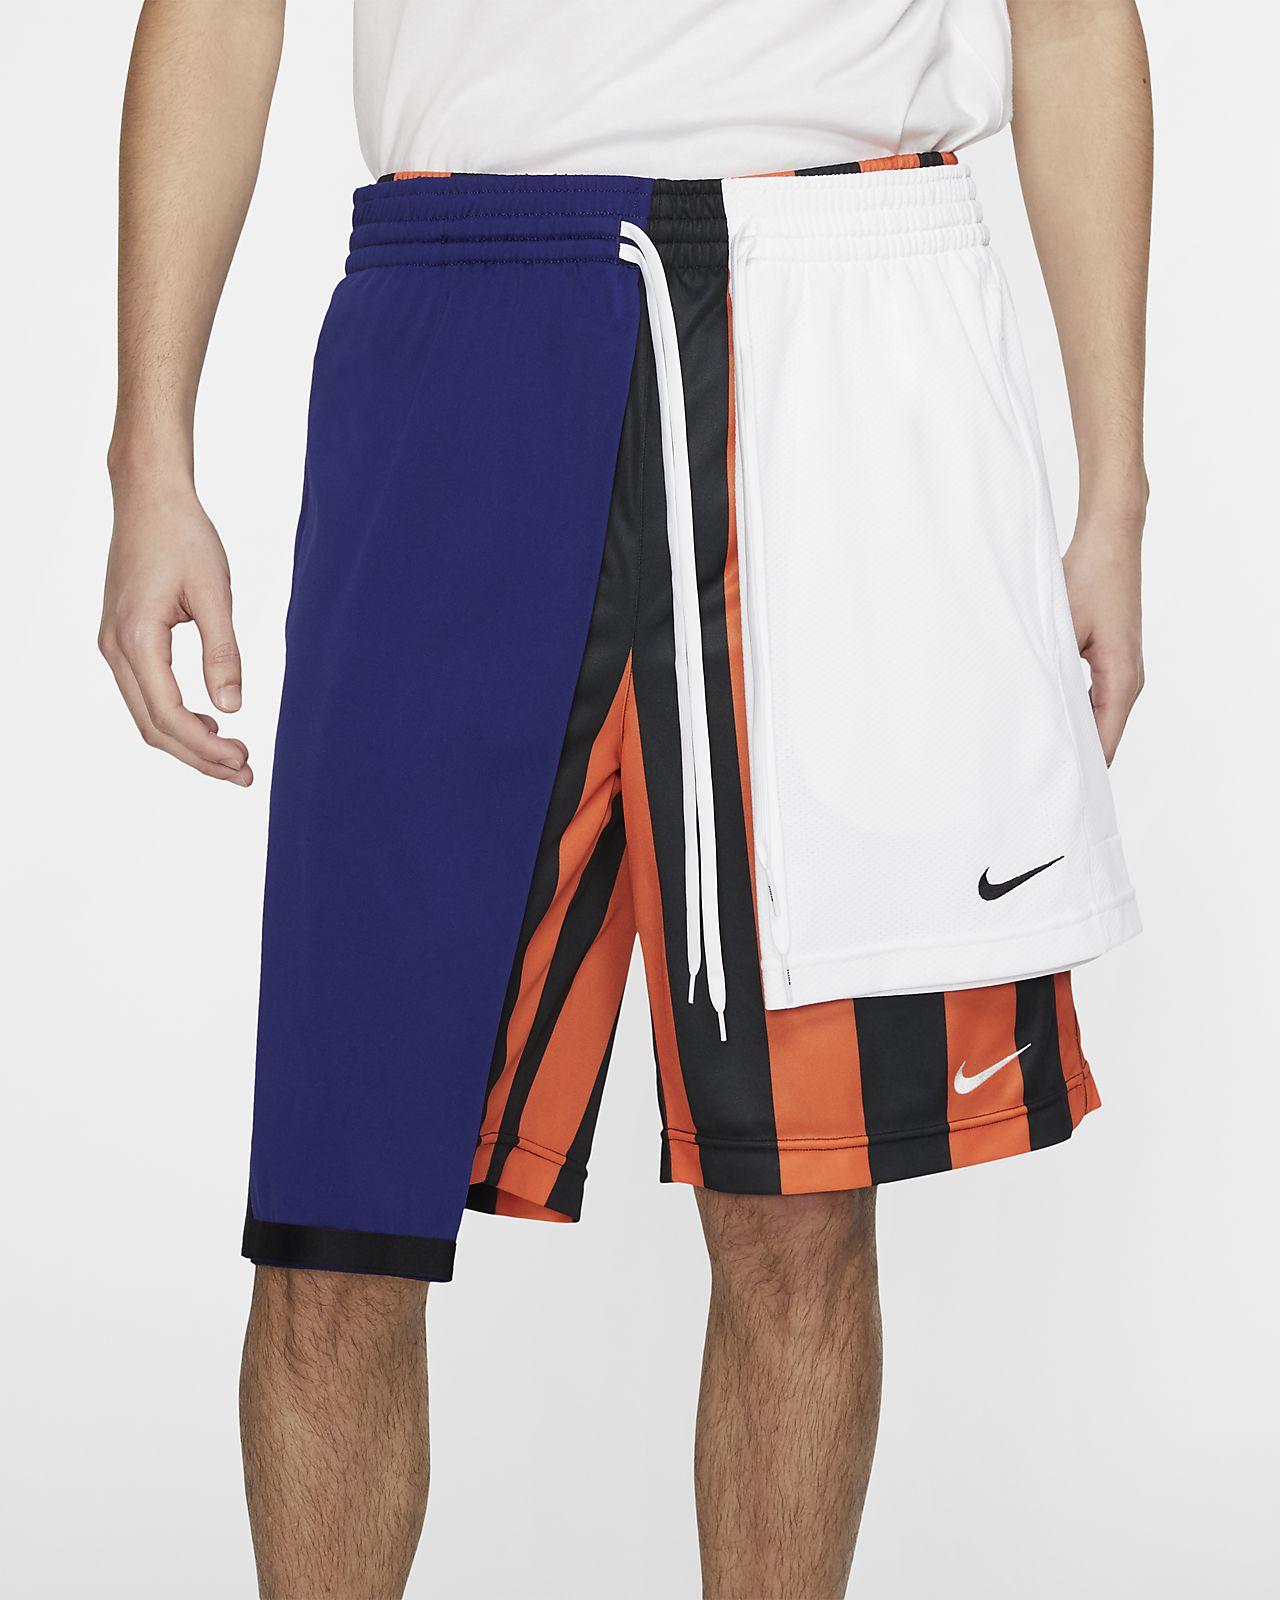 กางเกงขาสั้นผู้ชาย NikeLab Collection